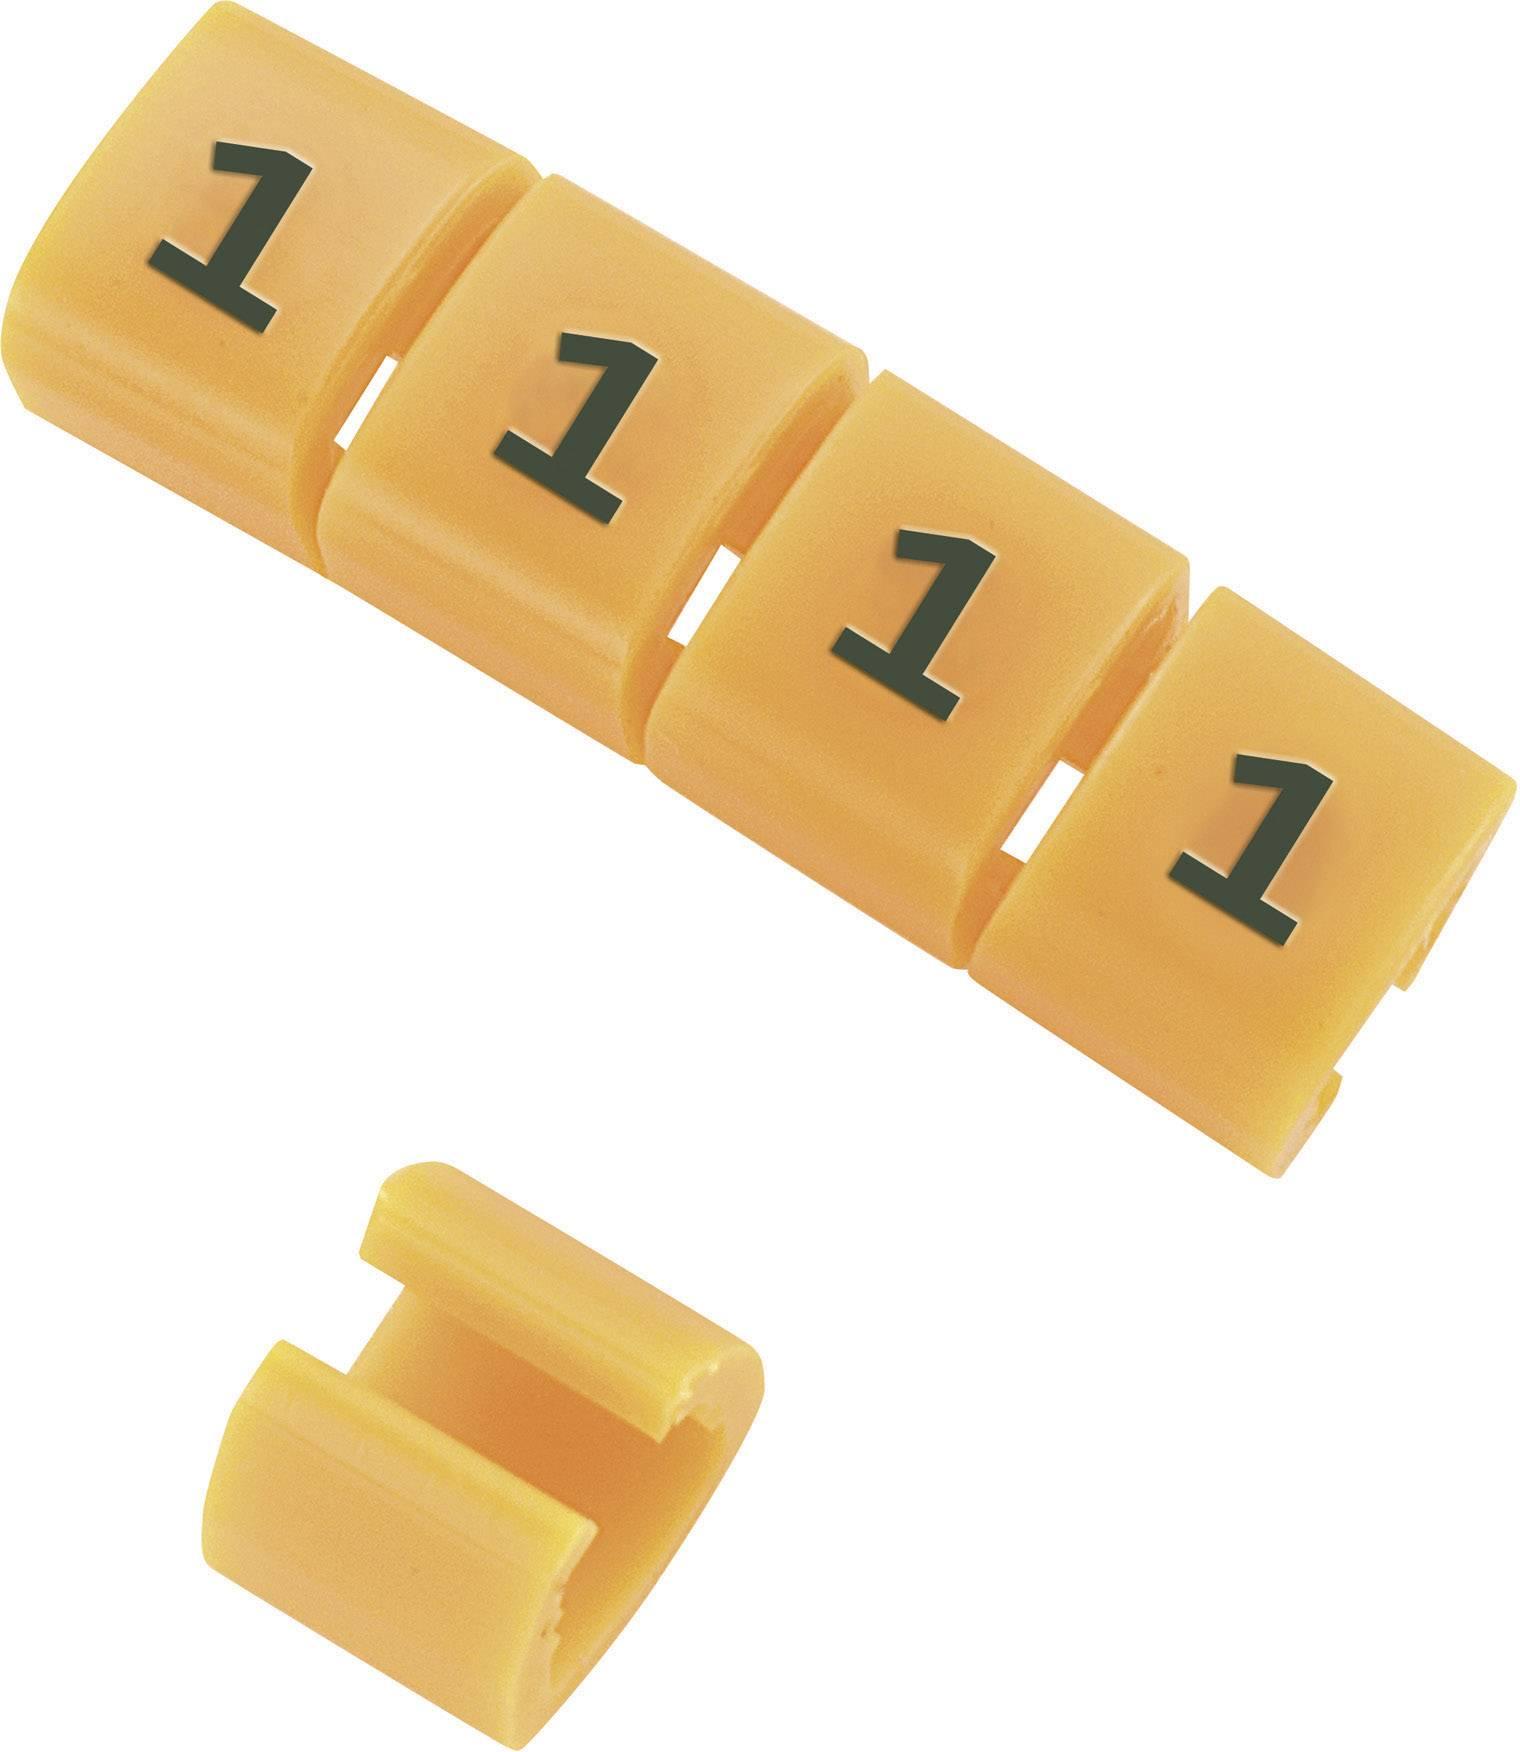 Označovacie objímka na káble KSS MB1/=, oranžová, 10 ks